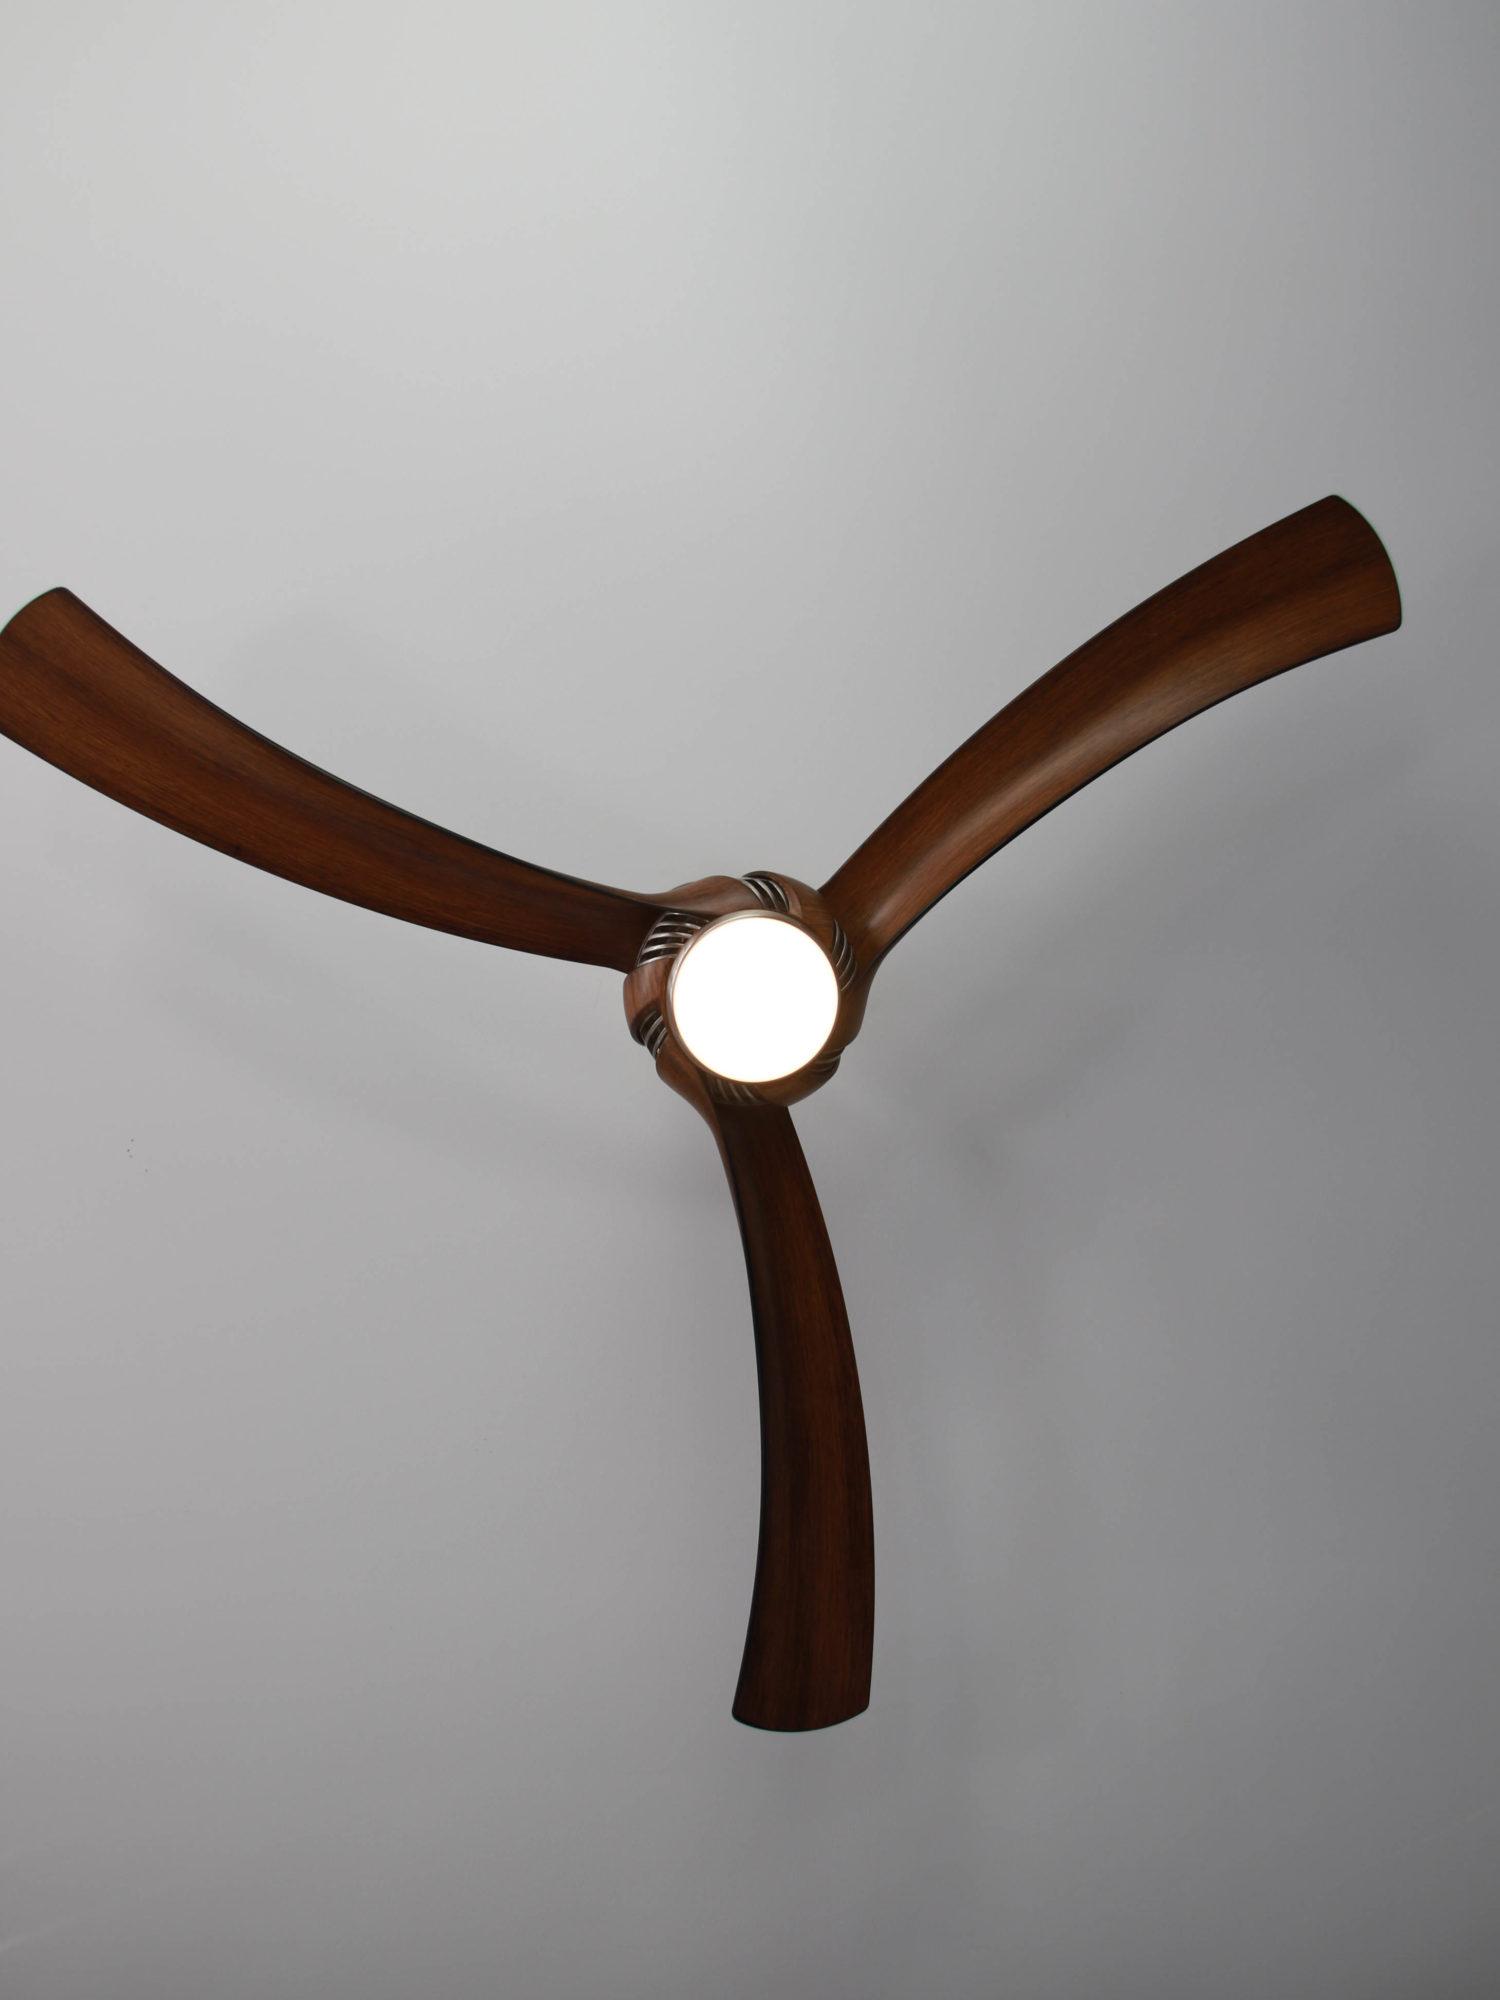 Arumi Ceiling Fan 49